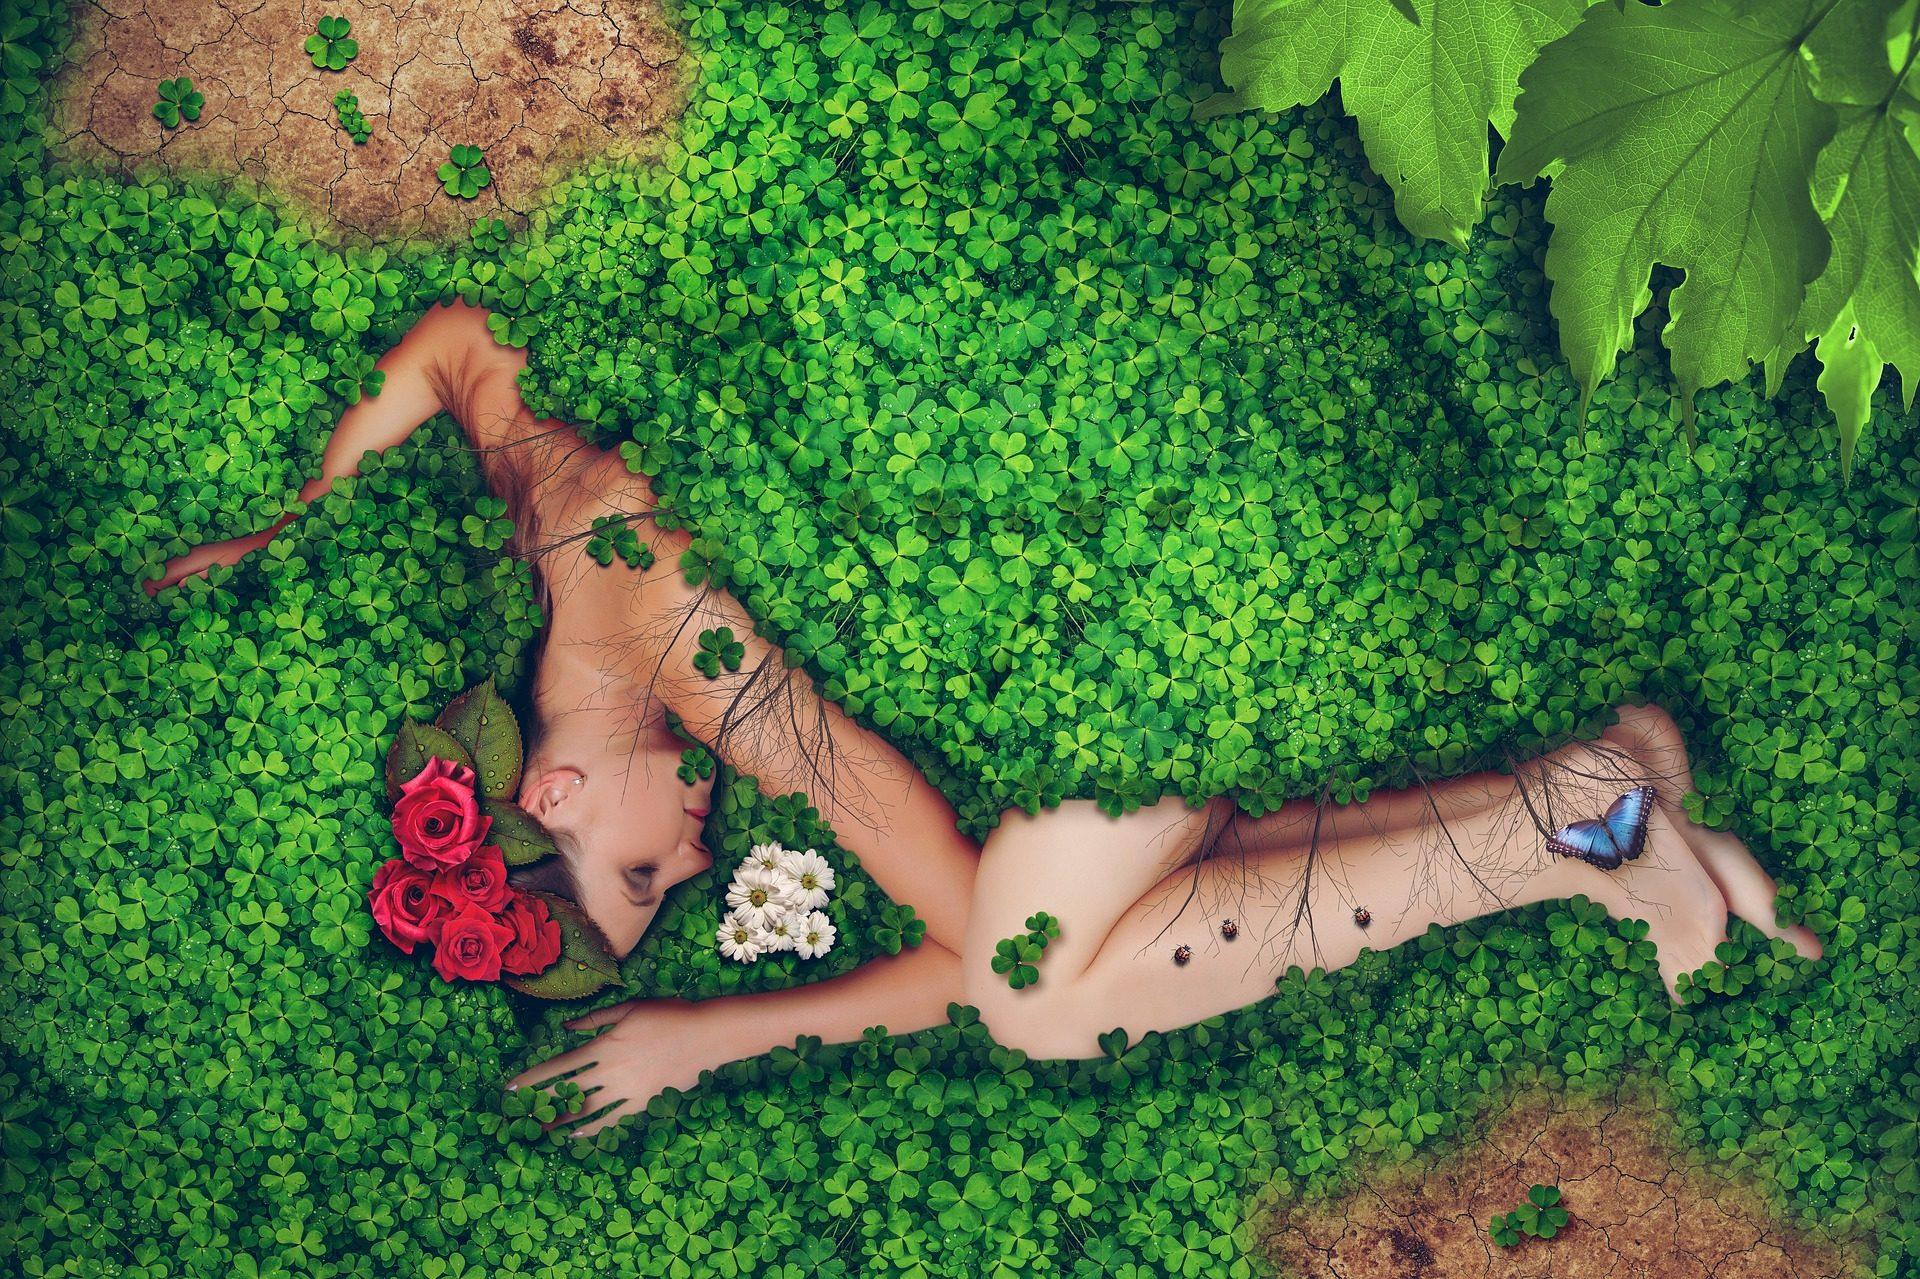 mulher, trevos, flores, natureza, Borboleta - Papéis de parede HD - Professor-falken.com